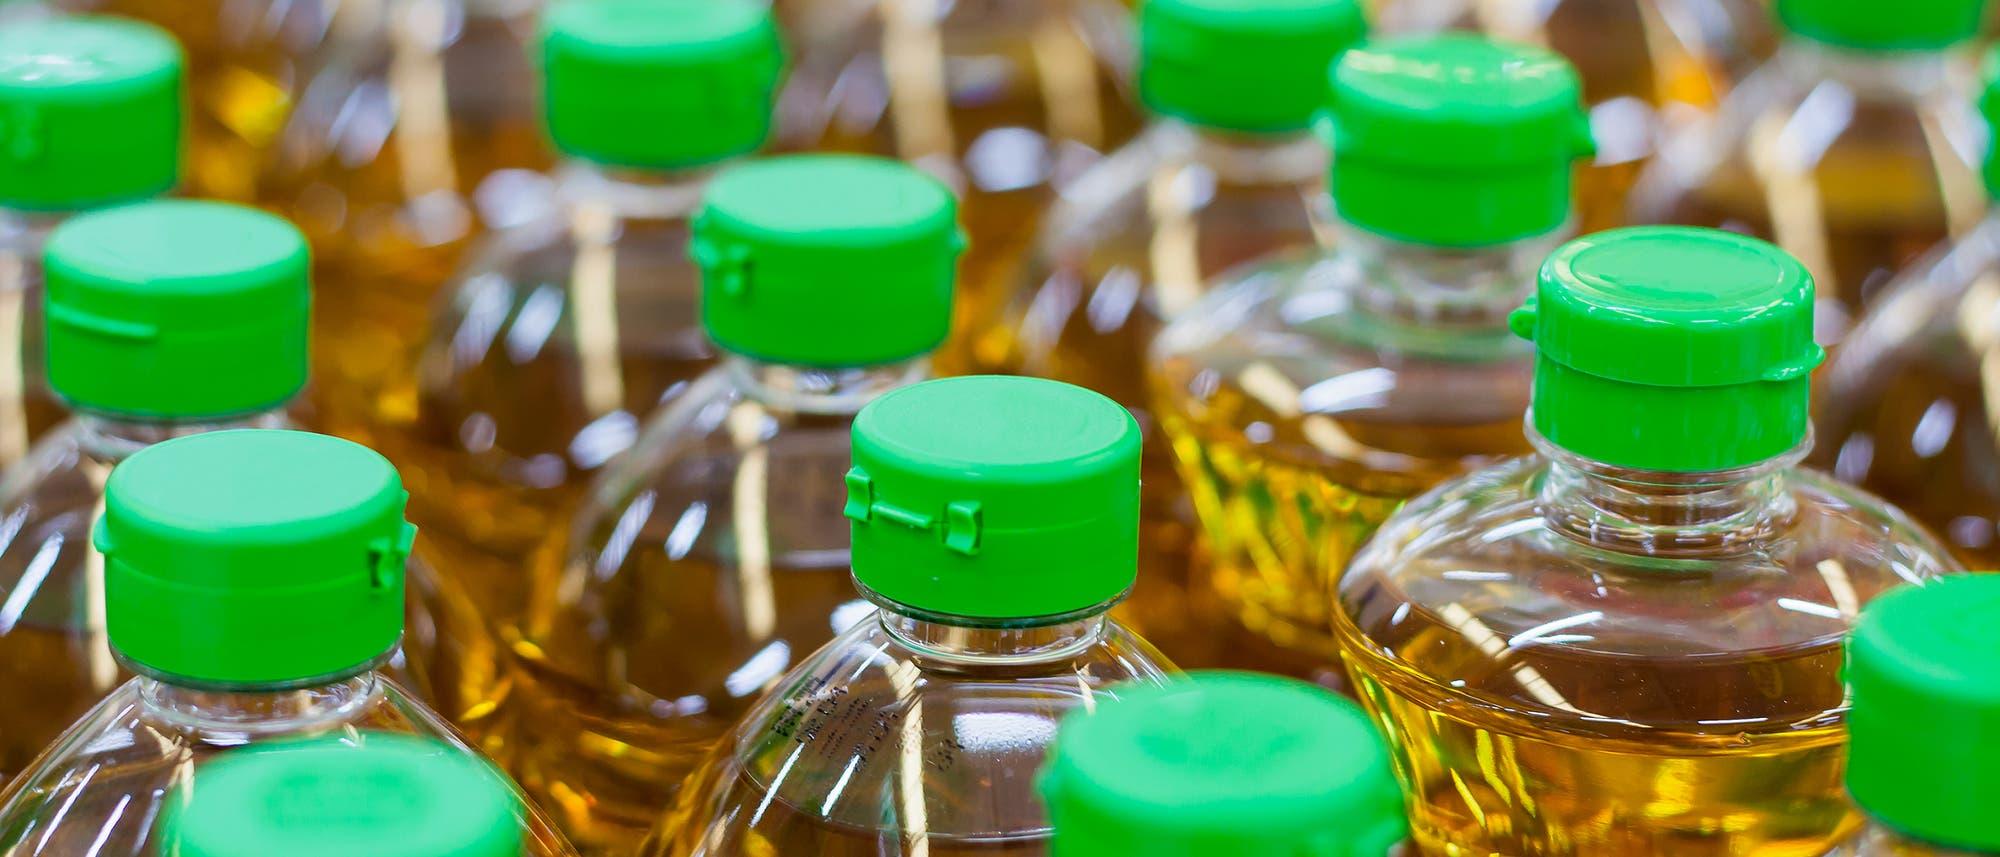 Das Öl aus Rapspflanzen schmeckt leicht nussig und gilt als »Öl der Wahl«, wie es die Fachleute der Deutschen Gesellschaft für Ernährung formulieren.